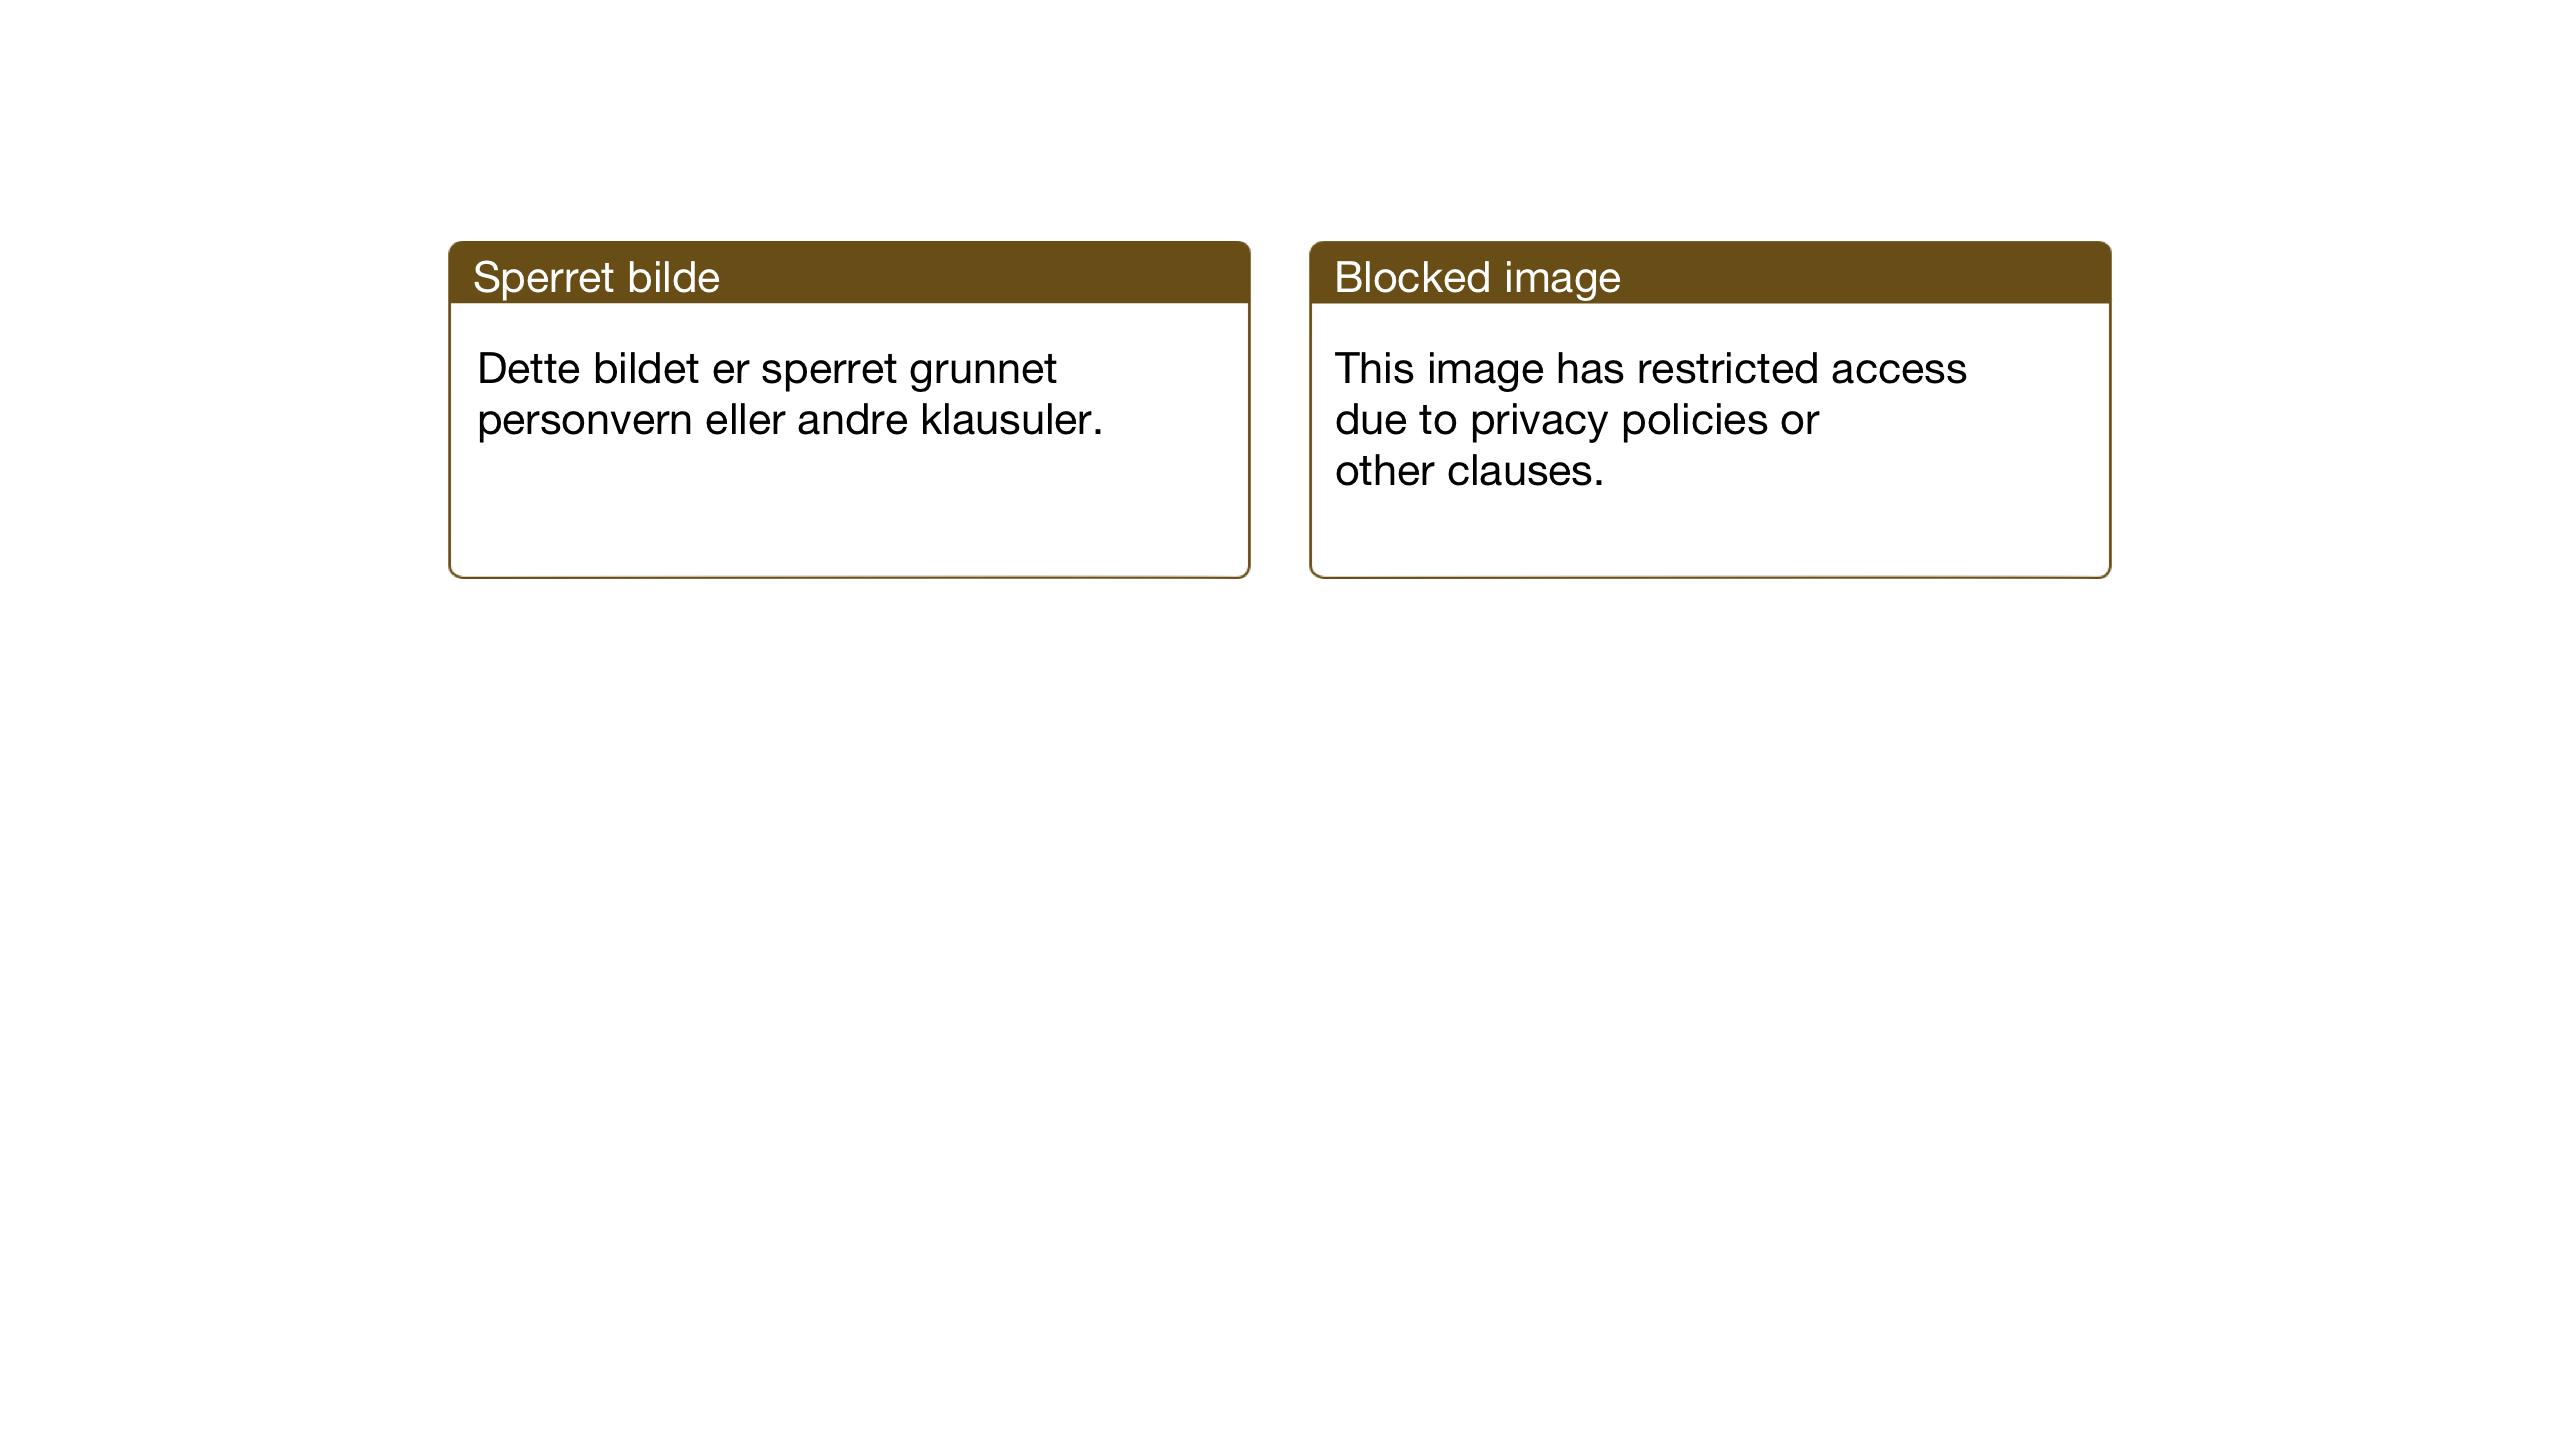 SAT, Ministerialprotokoller, klokkerbøker og fødselsregistre - Sør-Trøndelag, 633/L0521: Klokkerbok nr. 633C03, 1921-1941, s. 78